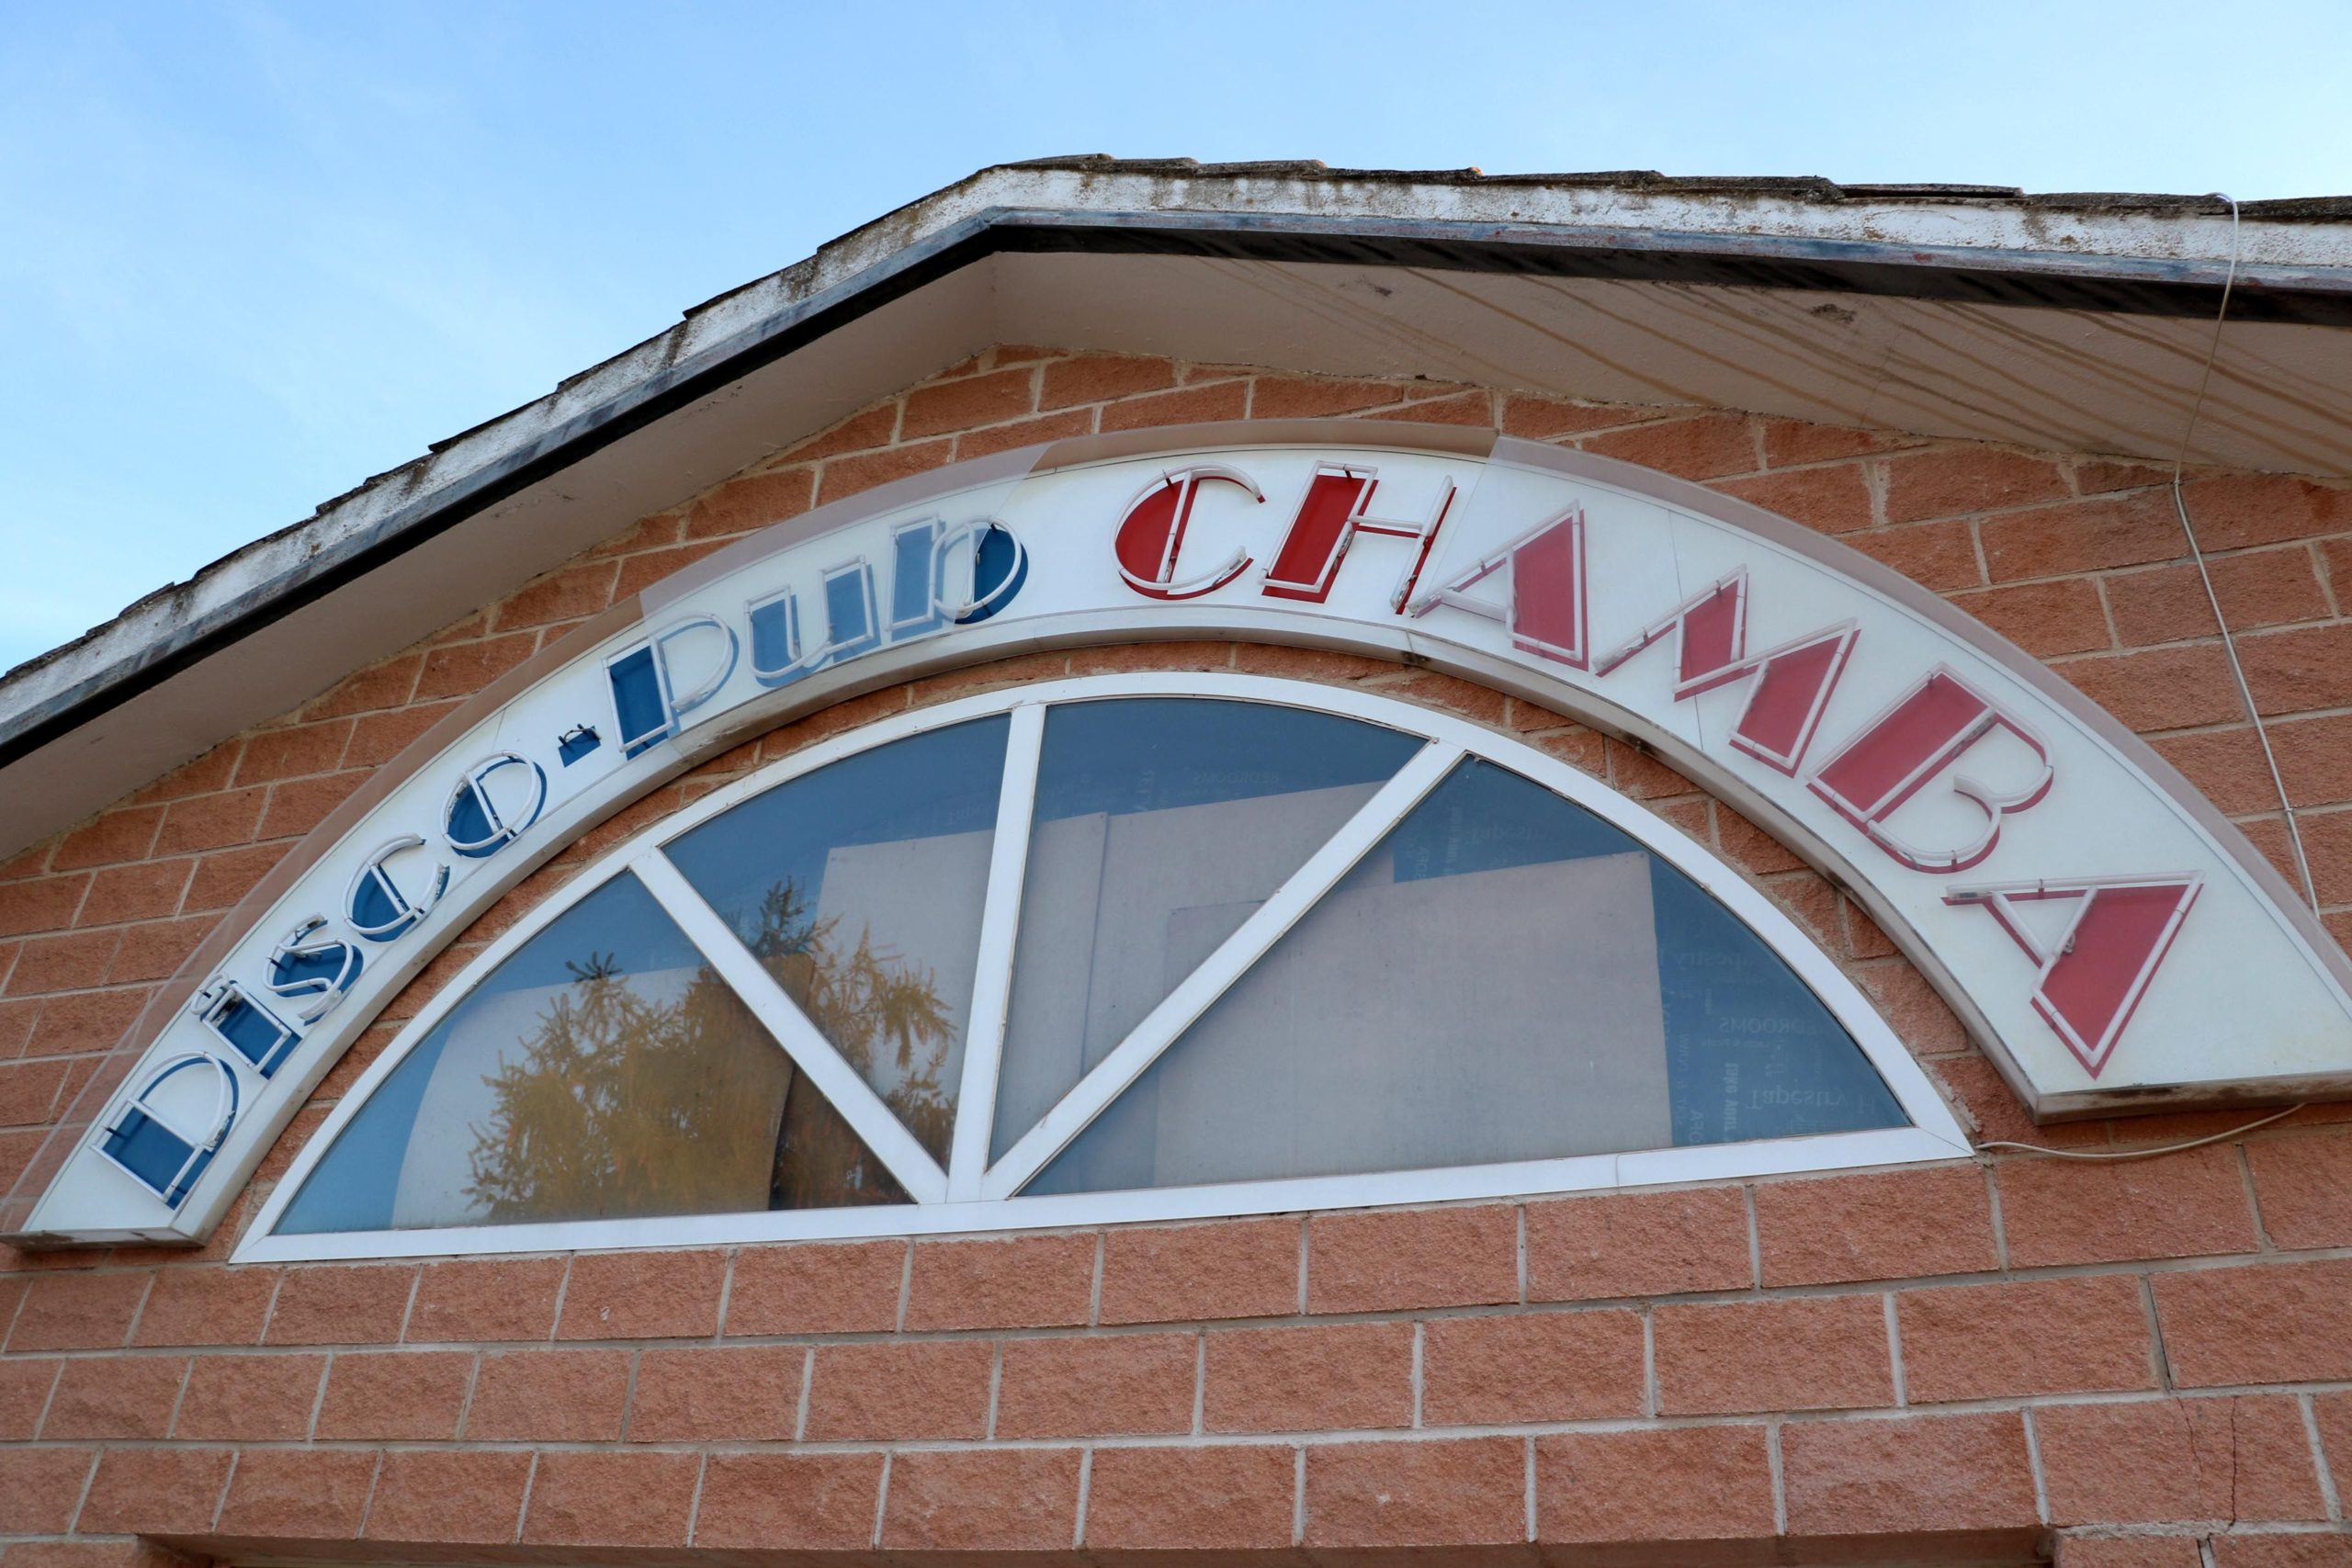 Pub Chamba, evolucionando el ocio de Almonacid desde 1986